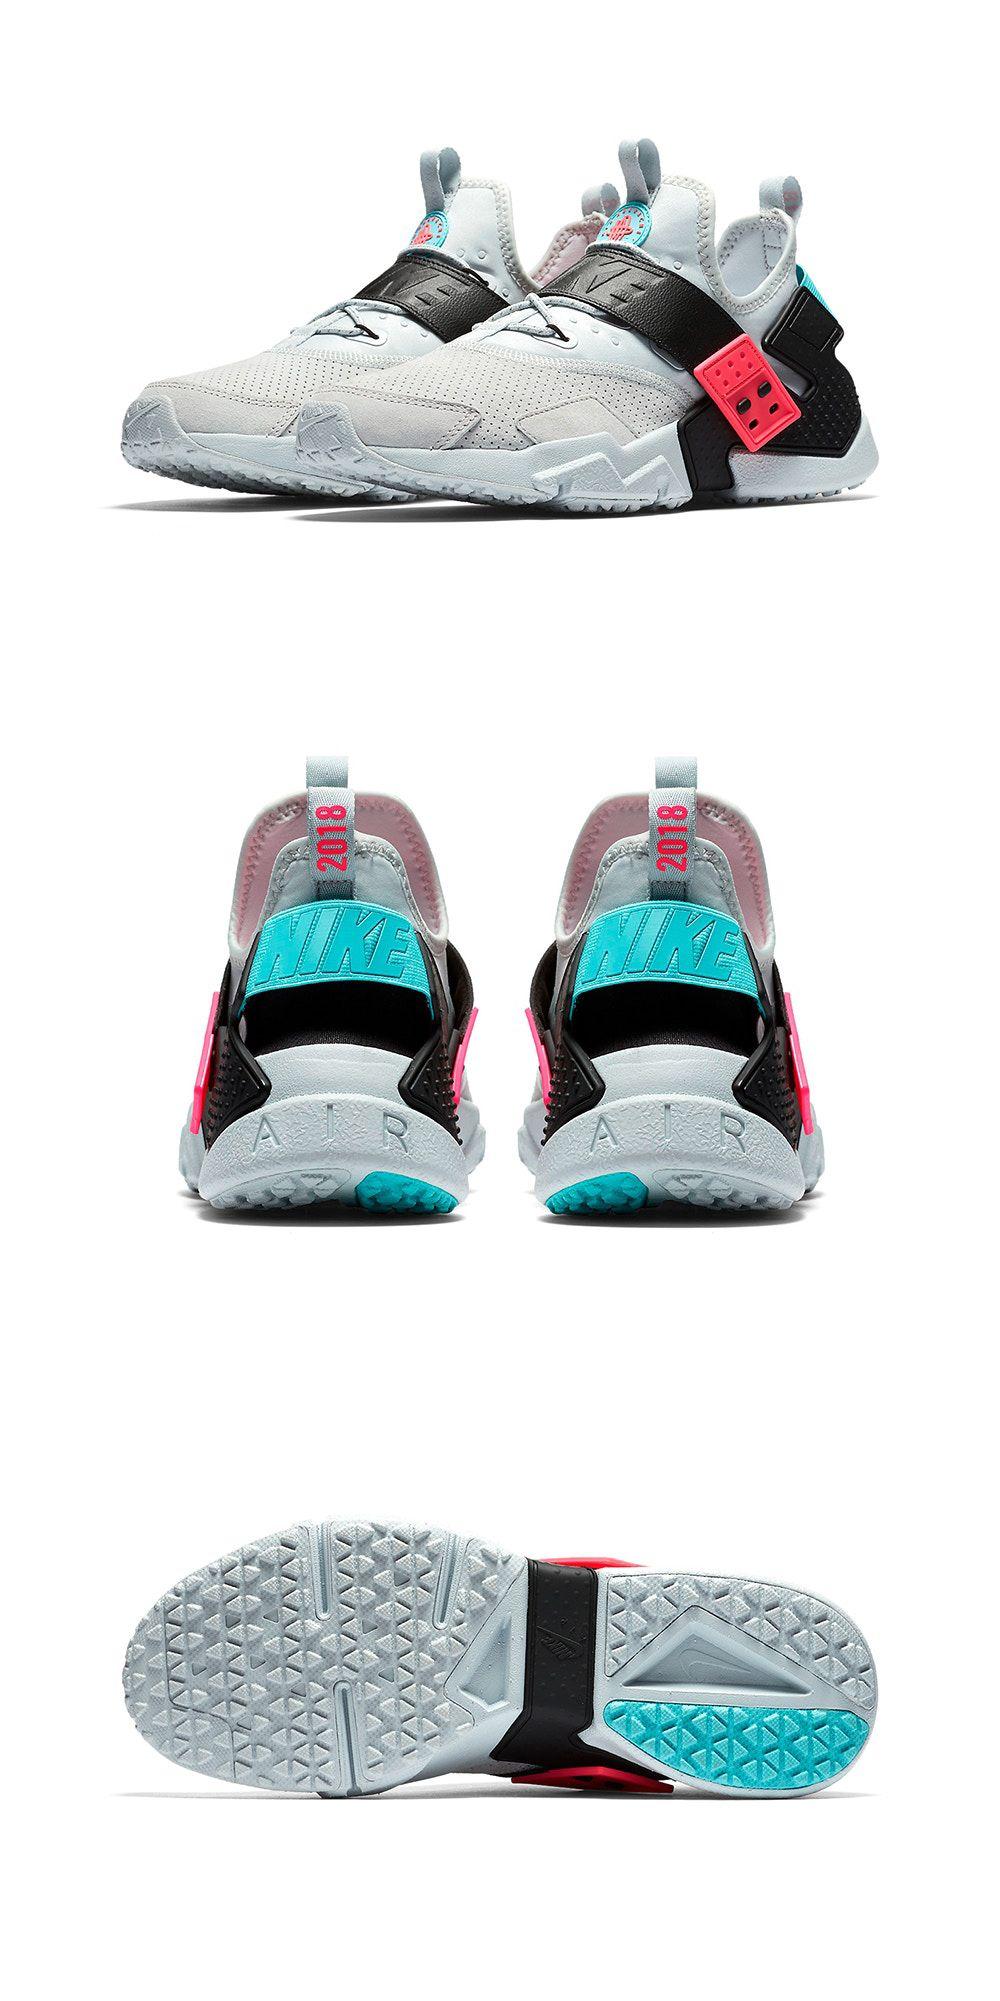 3426eea14e8 Nike Air Huarache Drift